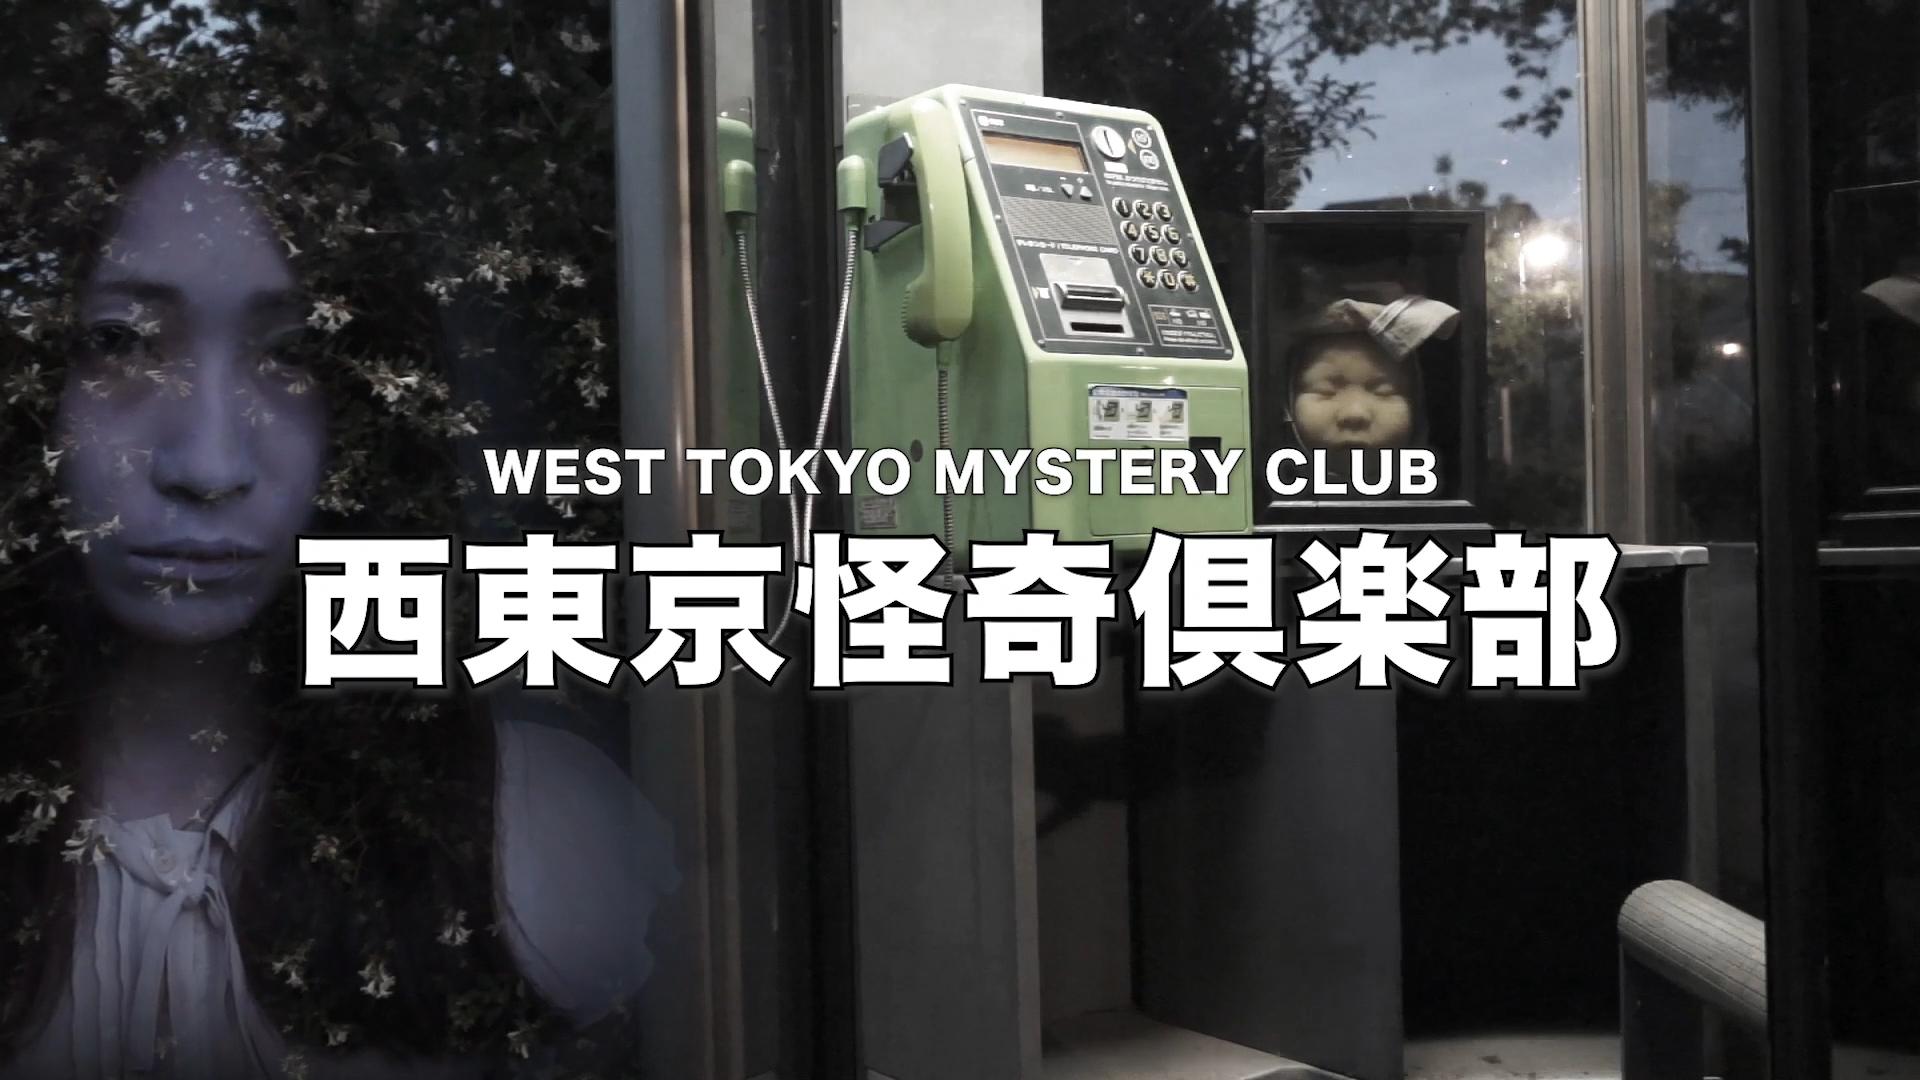 西東京怪奇倶楽部